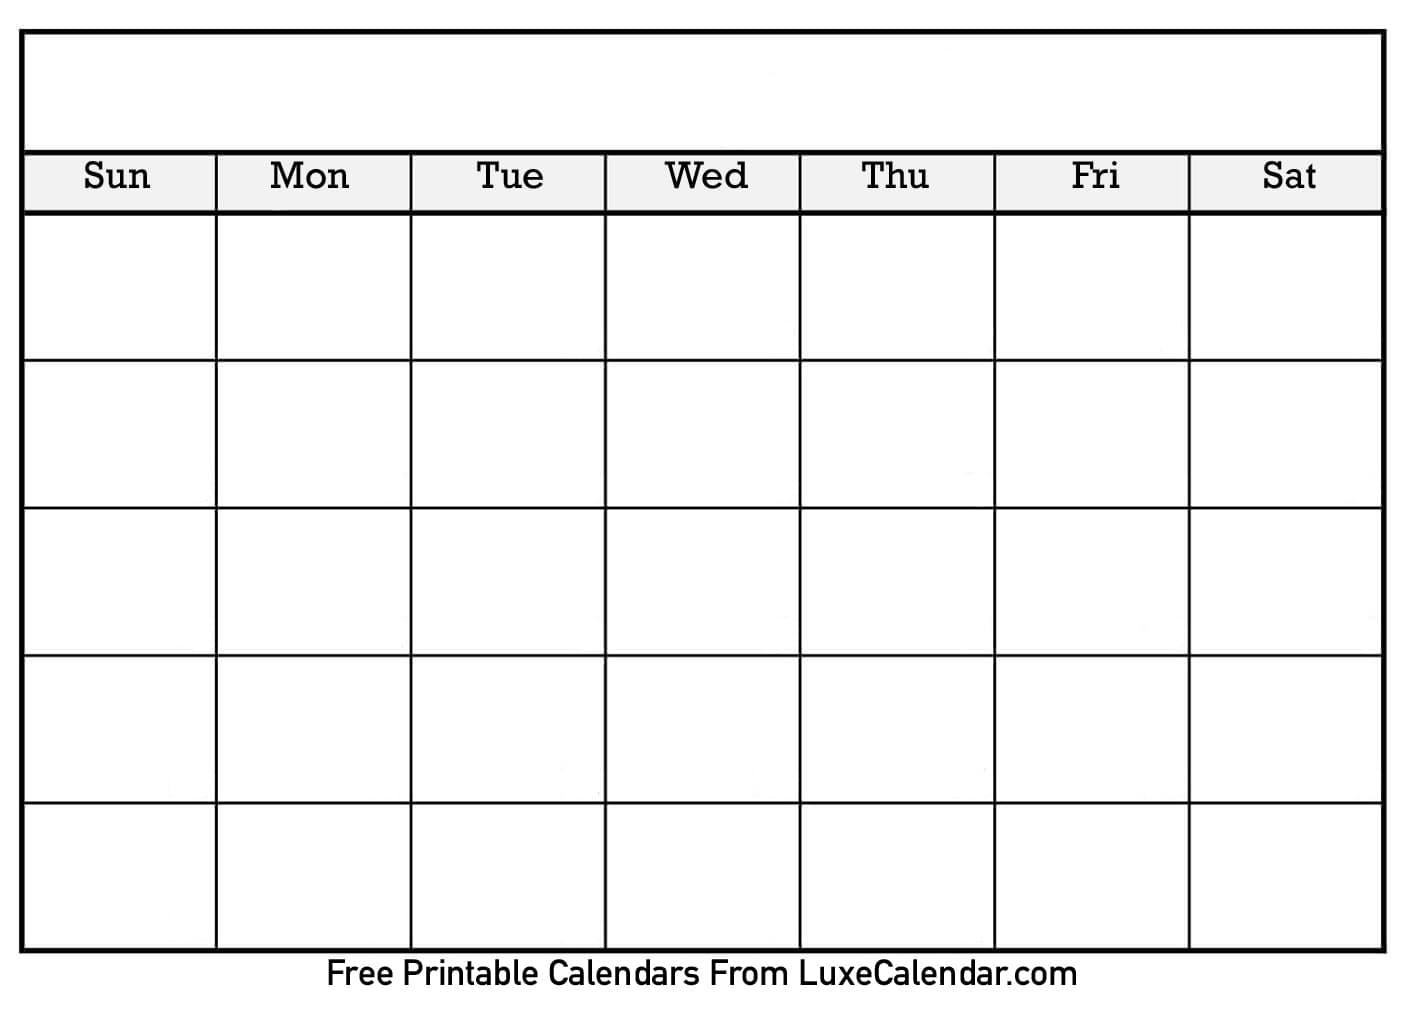 Blank Printable Calendar - Luxe Calendar intended for Printable Calendar By Month Blank